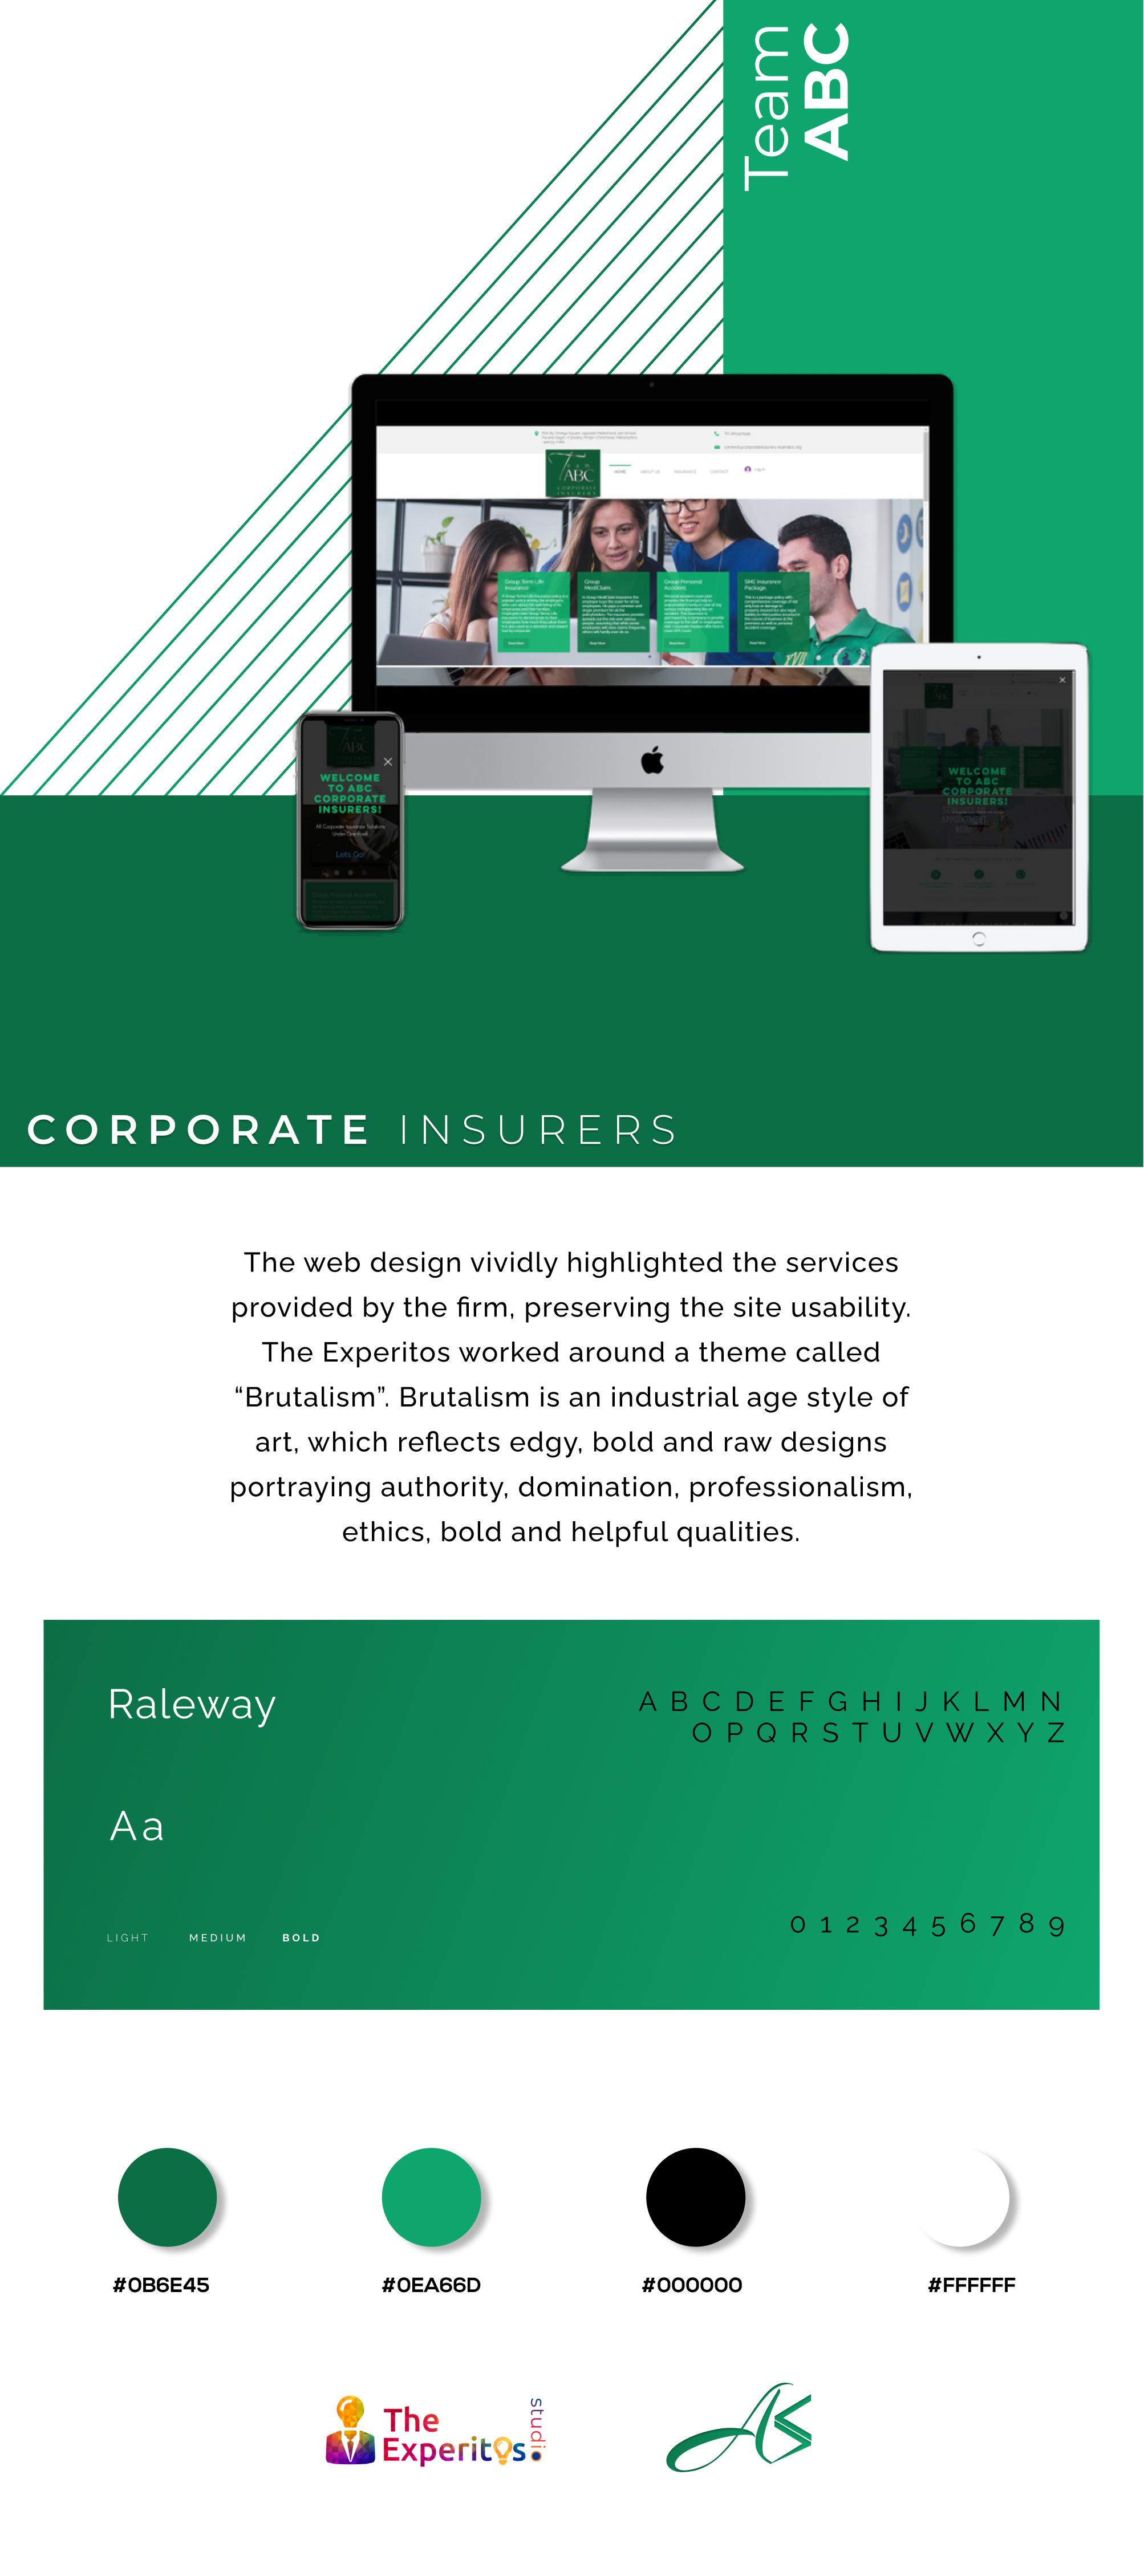 Team ABC Corporate insurers